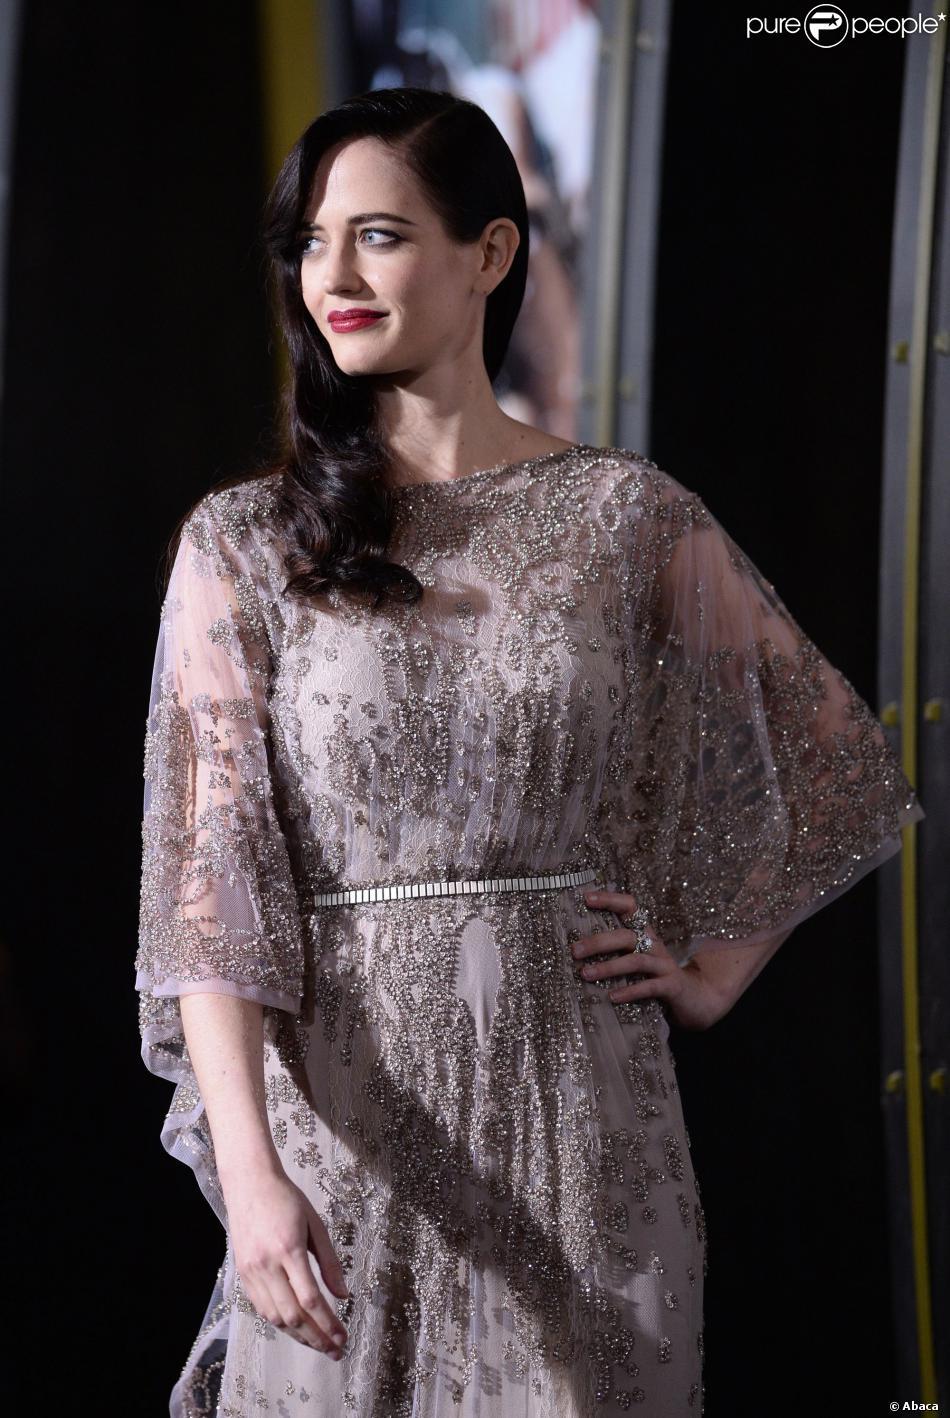 Eva Green, dans une robe Elie Saab, lors de l'avant-première du film 300 - La Naissance d'un empire, à Los Angeles le 4 mars 2014